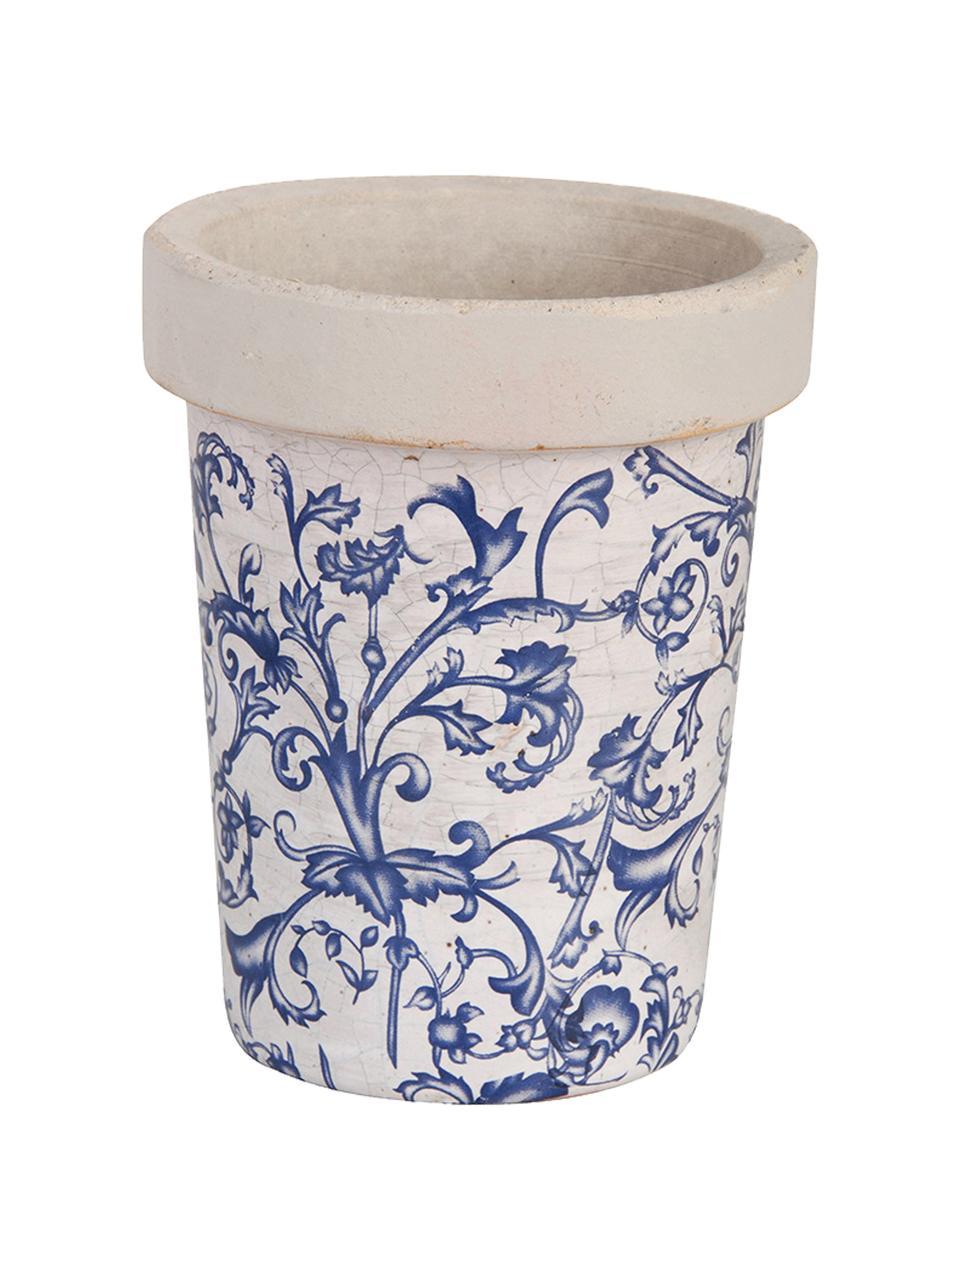 Mała osłonka na doniczkę Cerino, Ceramika, Niebieski, biały, Ø 13 x W 16 cm